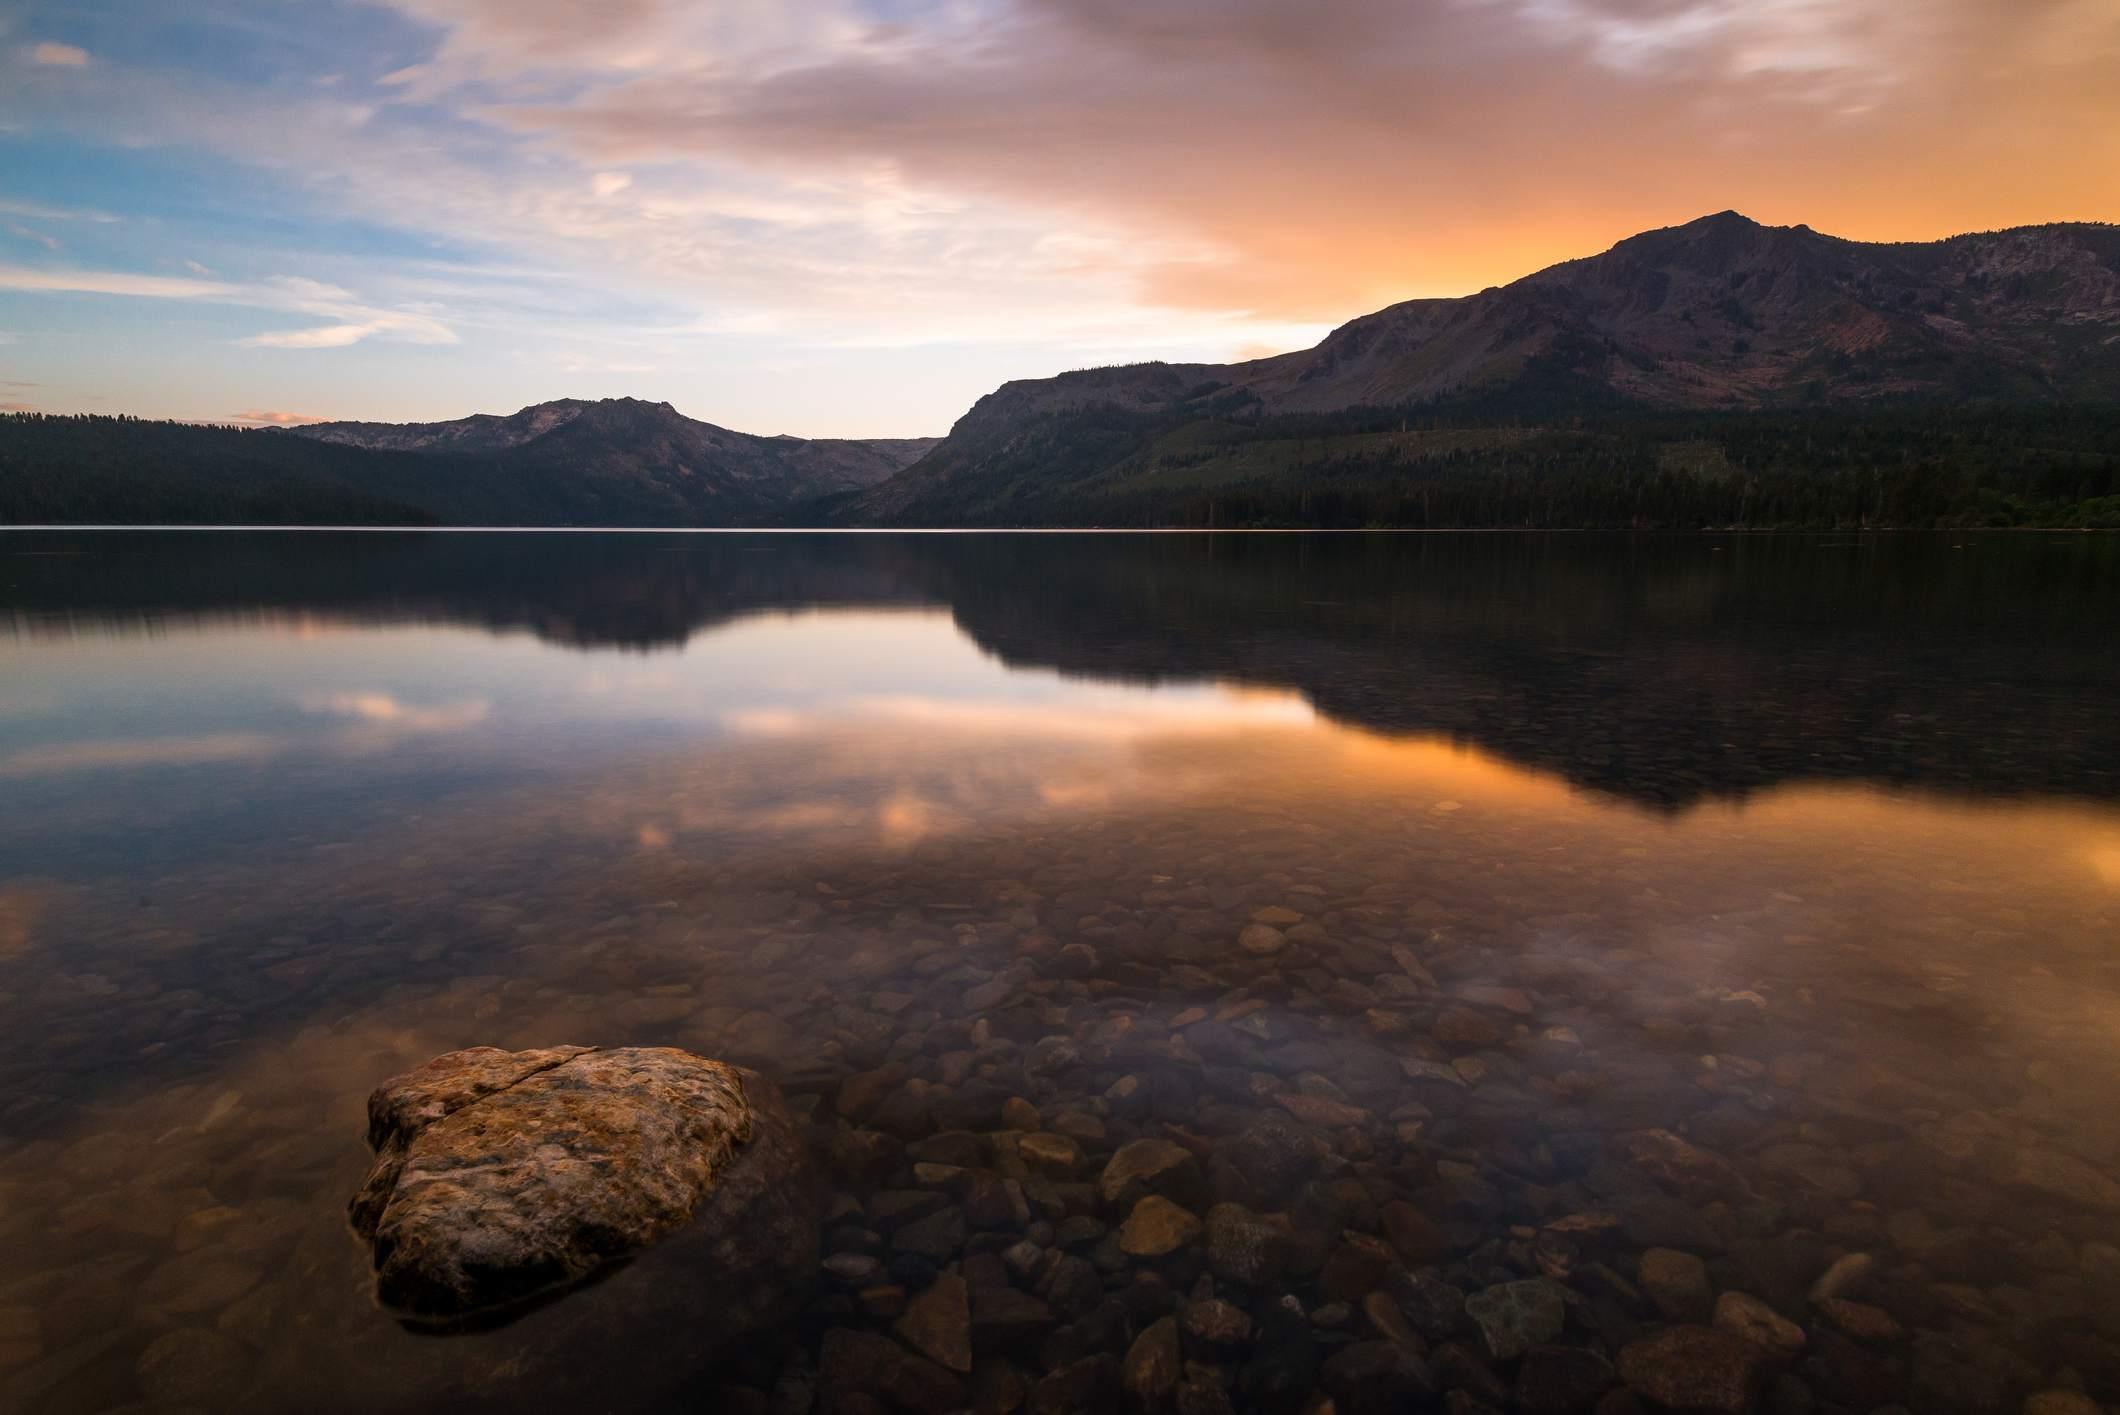 Sunset at Fallen Leaf lake near Lake Tahoe in California